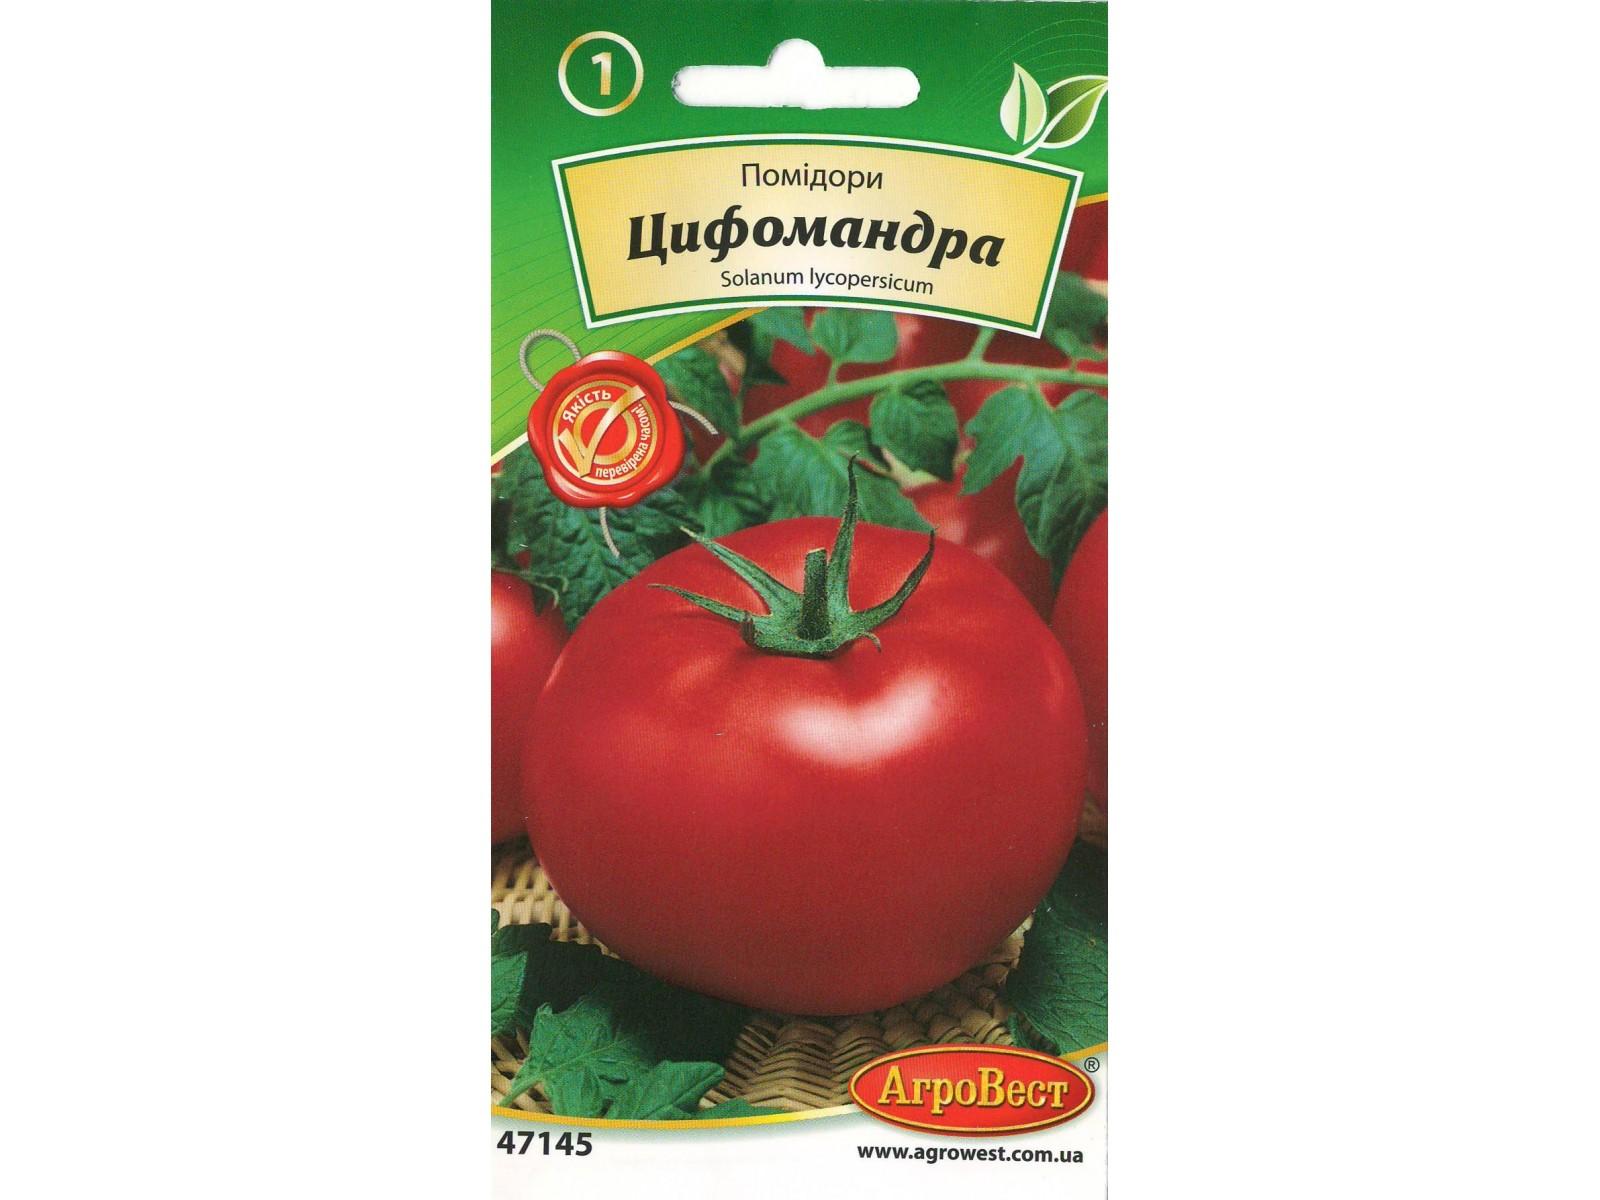 Купить Фиалки в Челябинске недорого/интернет-магазин фиалок